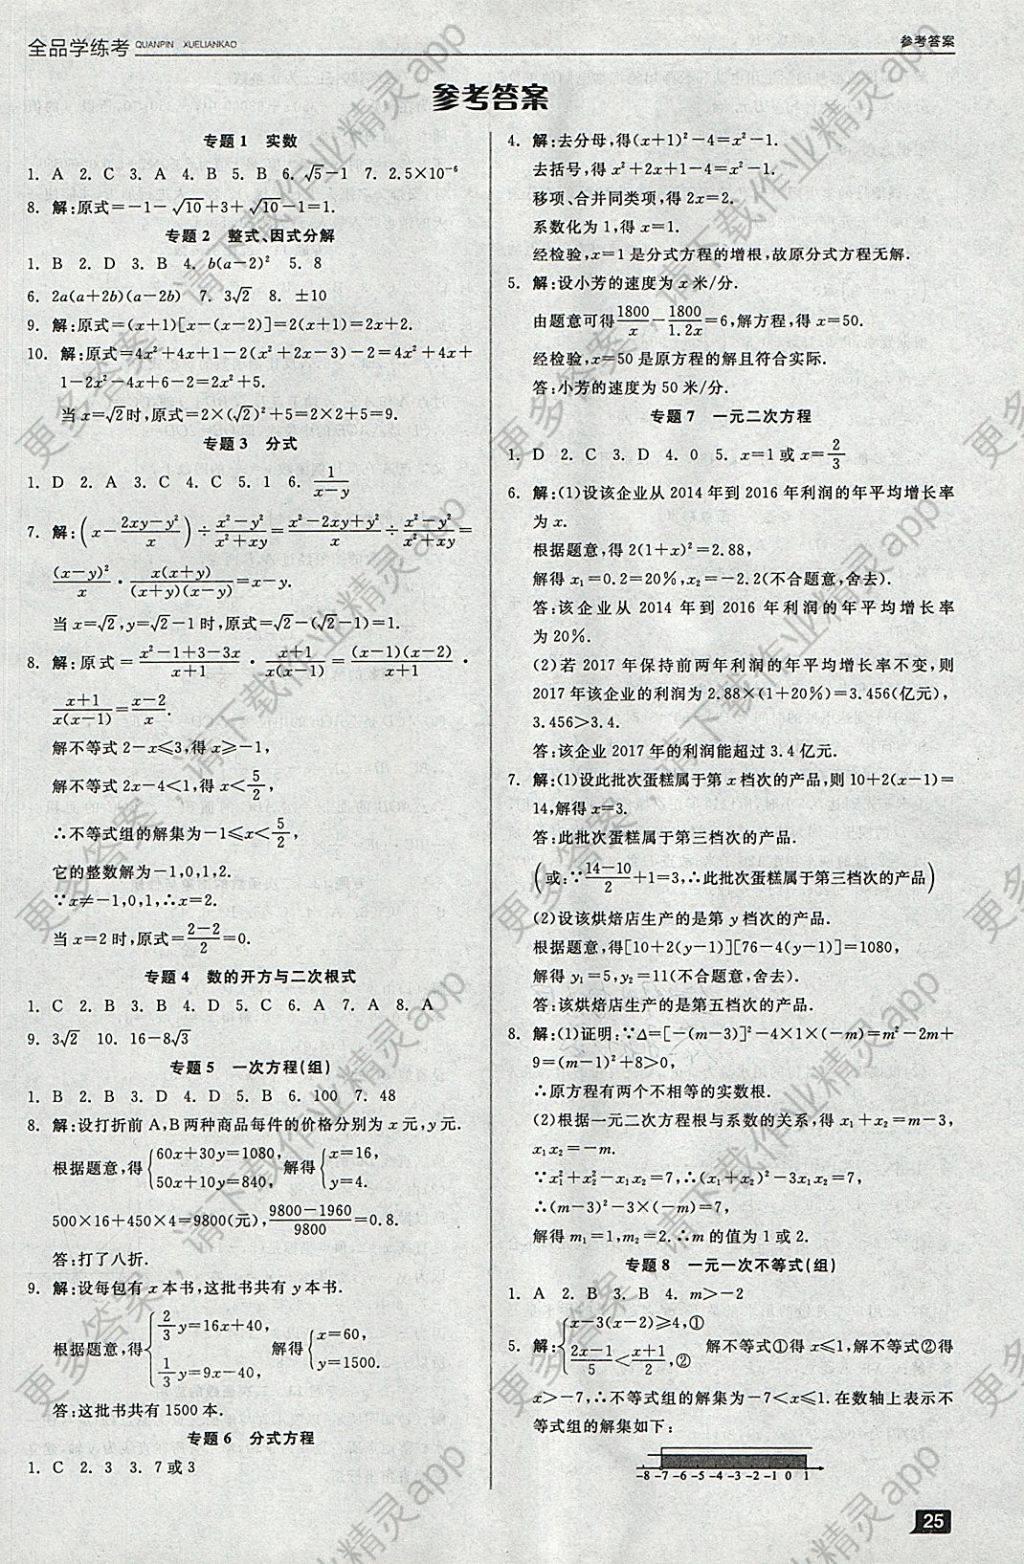 2018年全品学练考九年级数学下册人教版河北专版 参考答案第1页